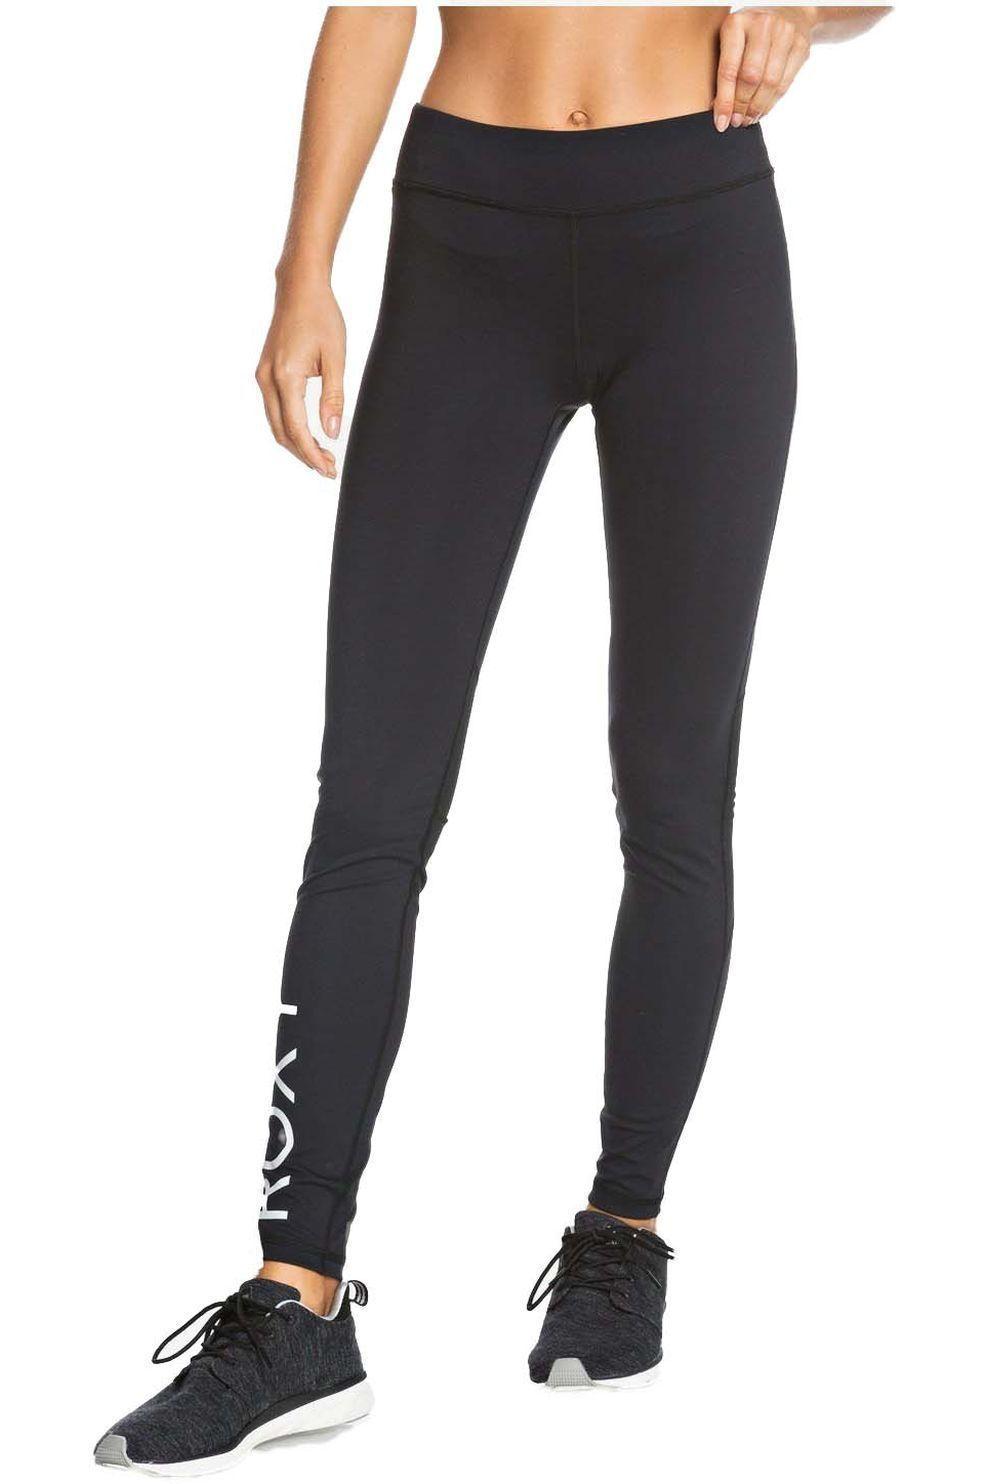 Roxy Legging Brave For You voor dames - Zwart - Maten: XS, S